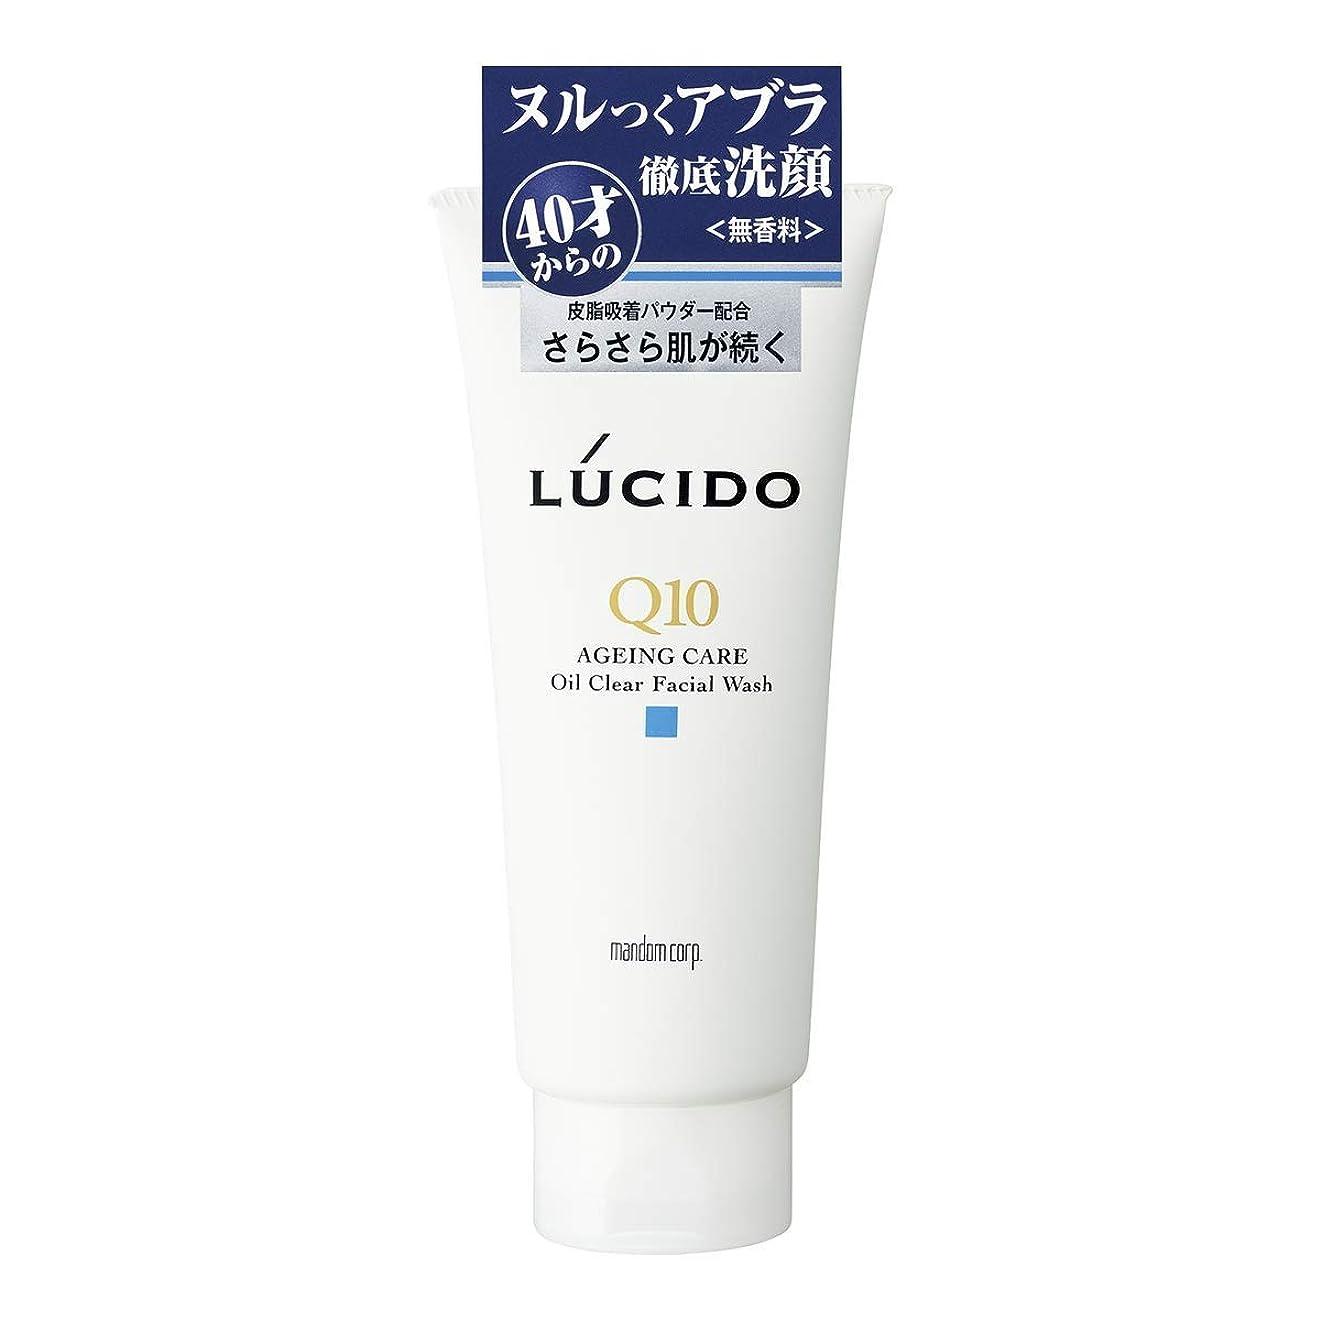 考古学者男やもめ砦【3個セット】LUCIDO(ルシード) オイルクリア洗顔フォーム Q10 130g